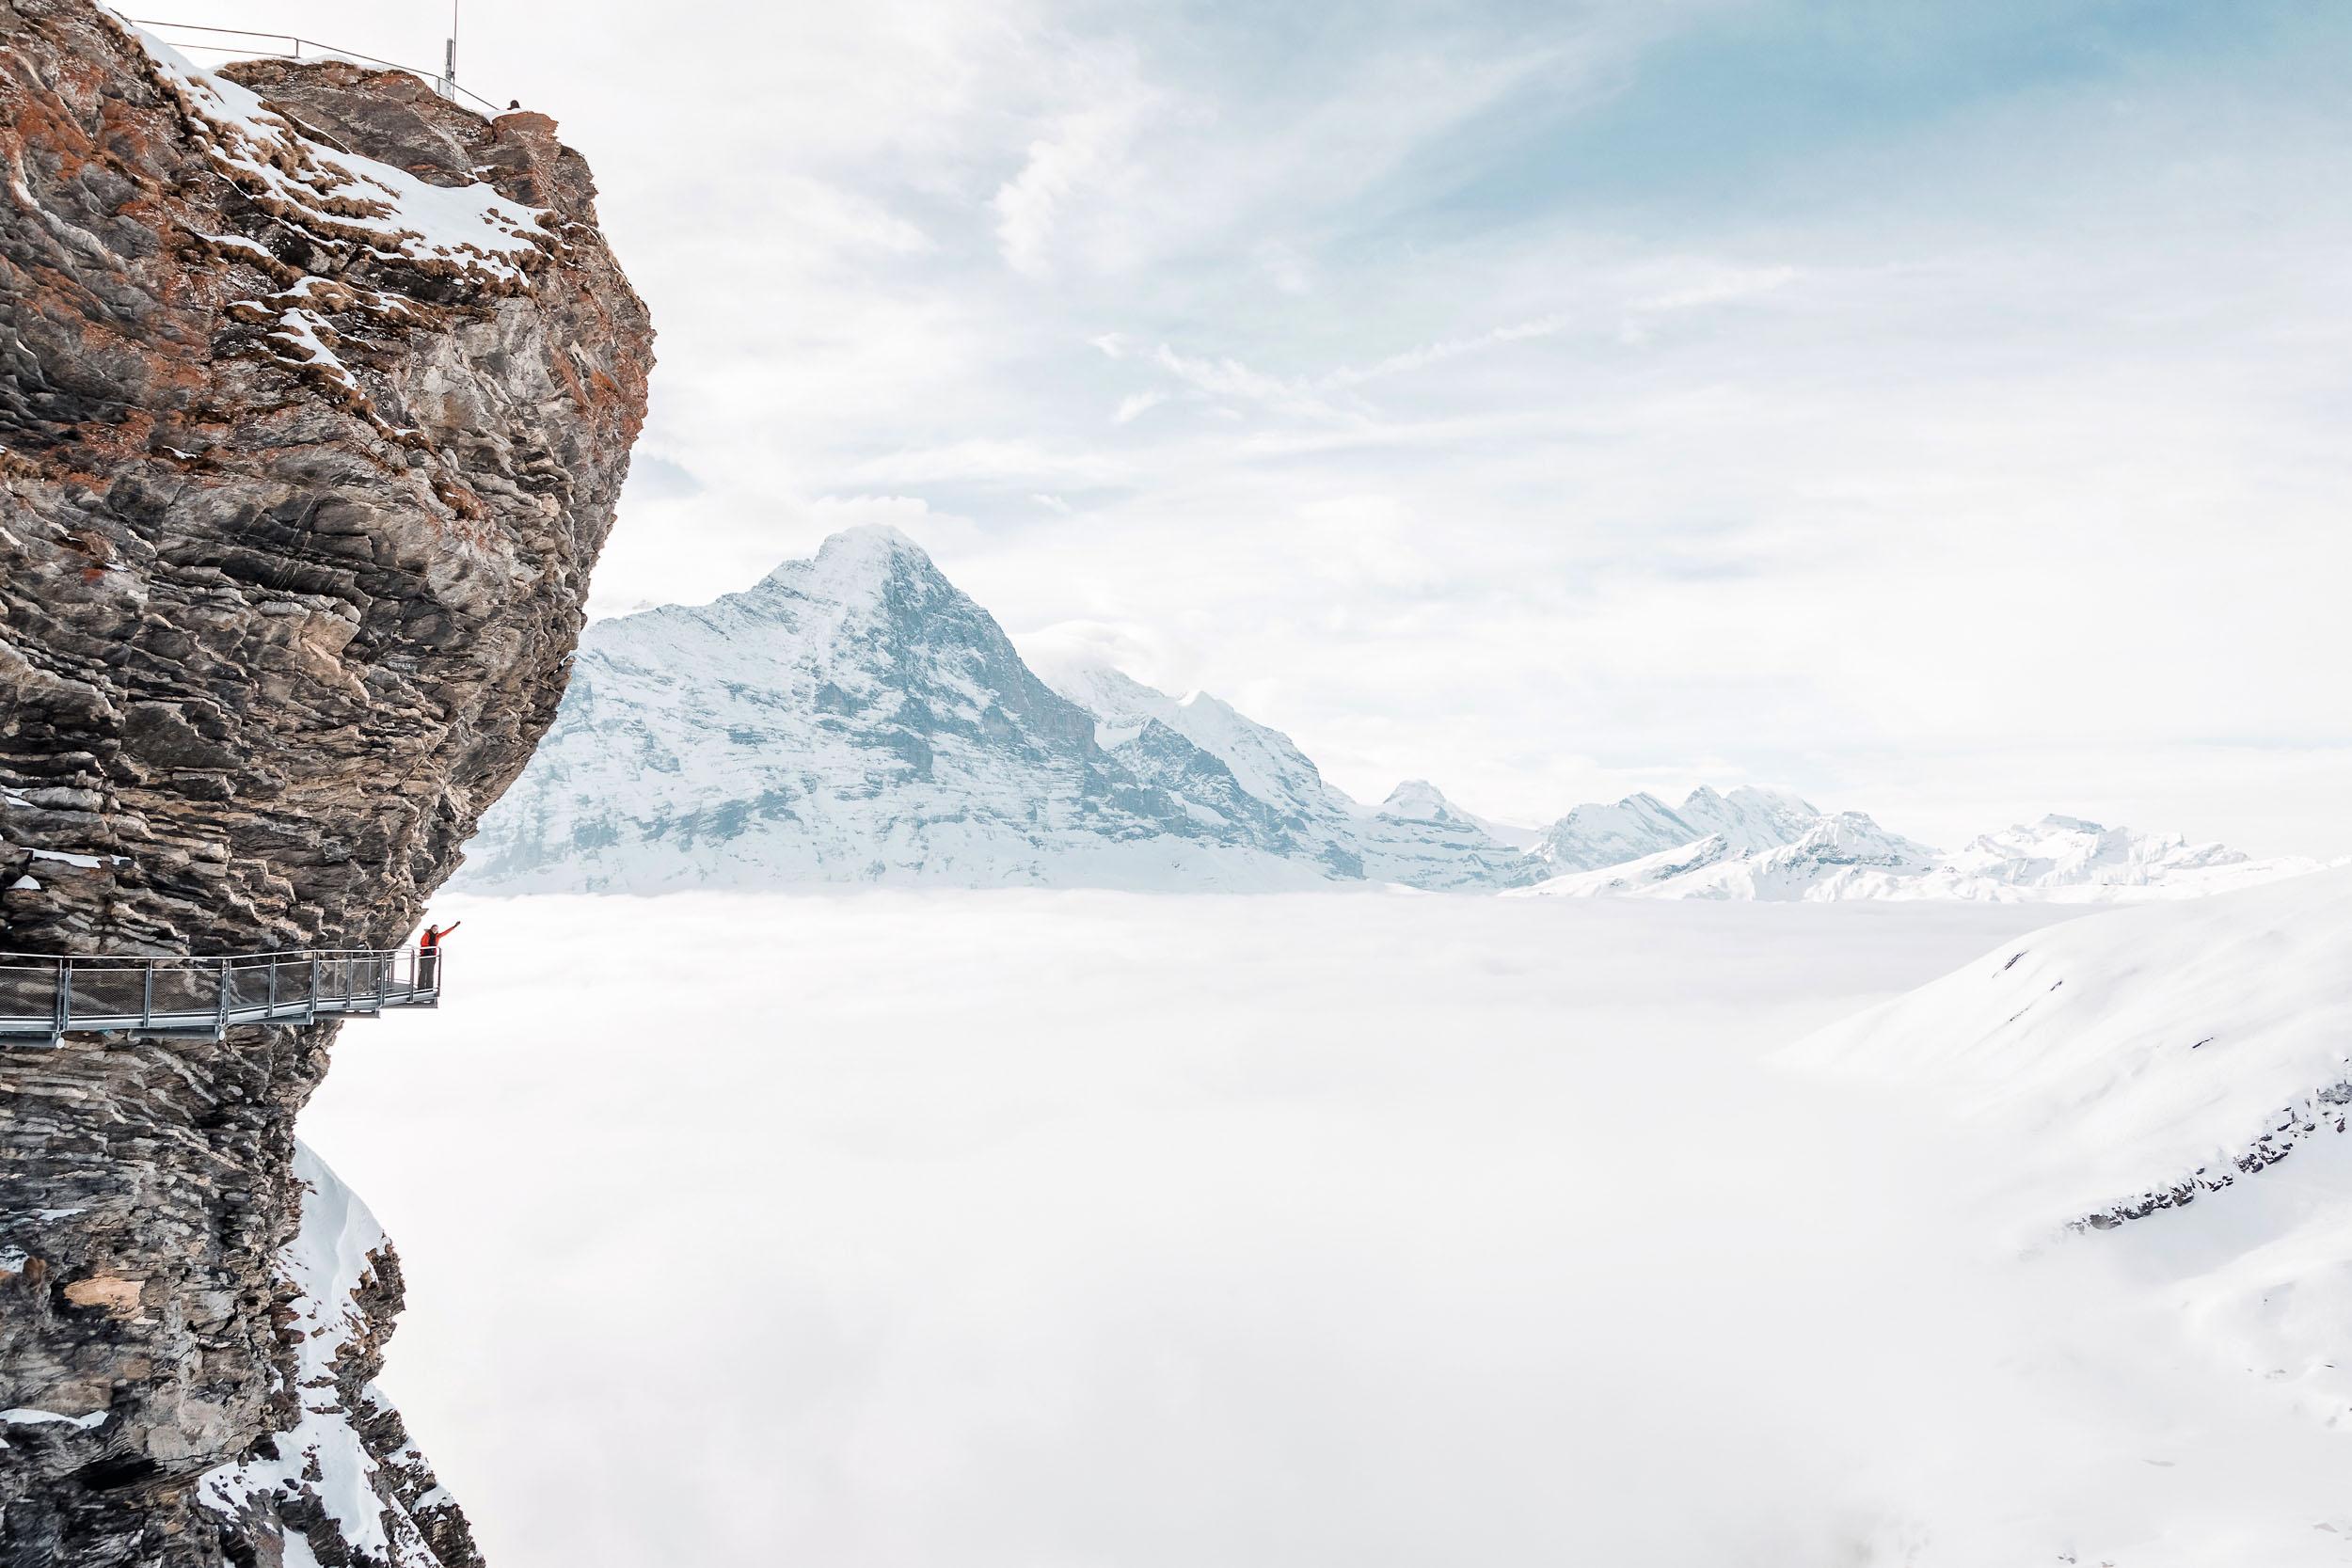 Grindelwald Switzerland - the First Cliff Walk by Tissot